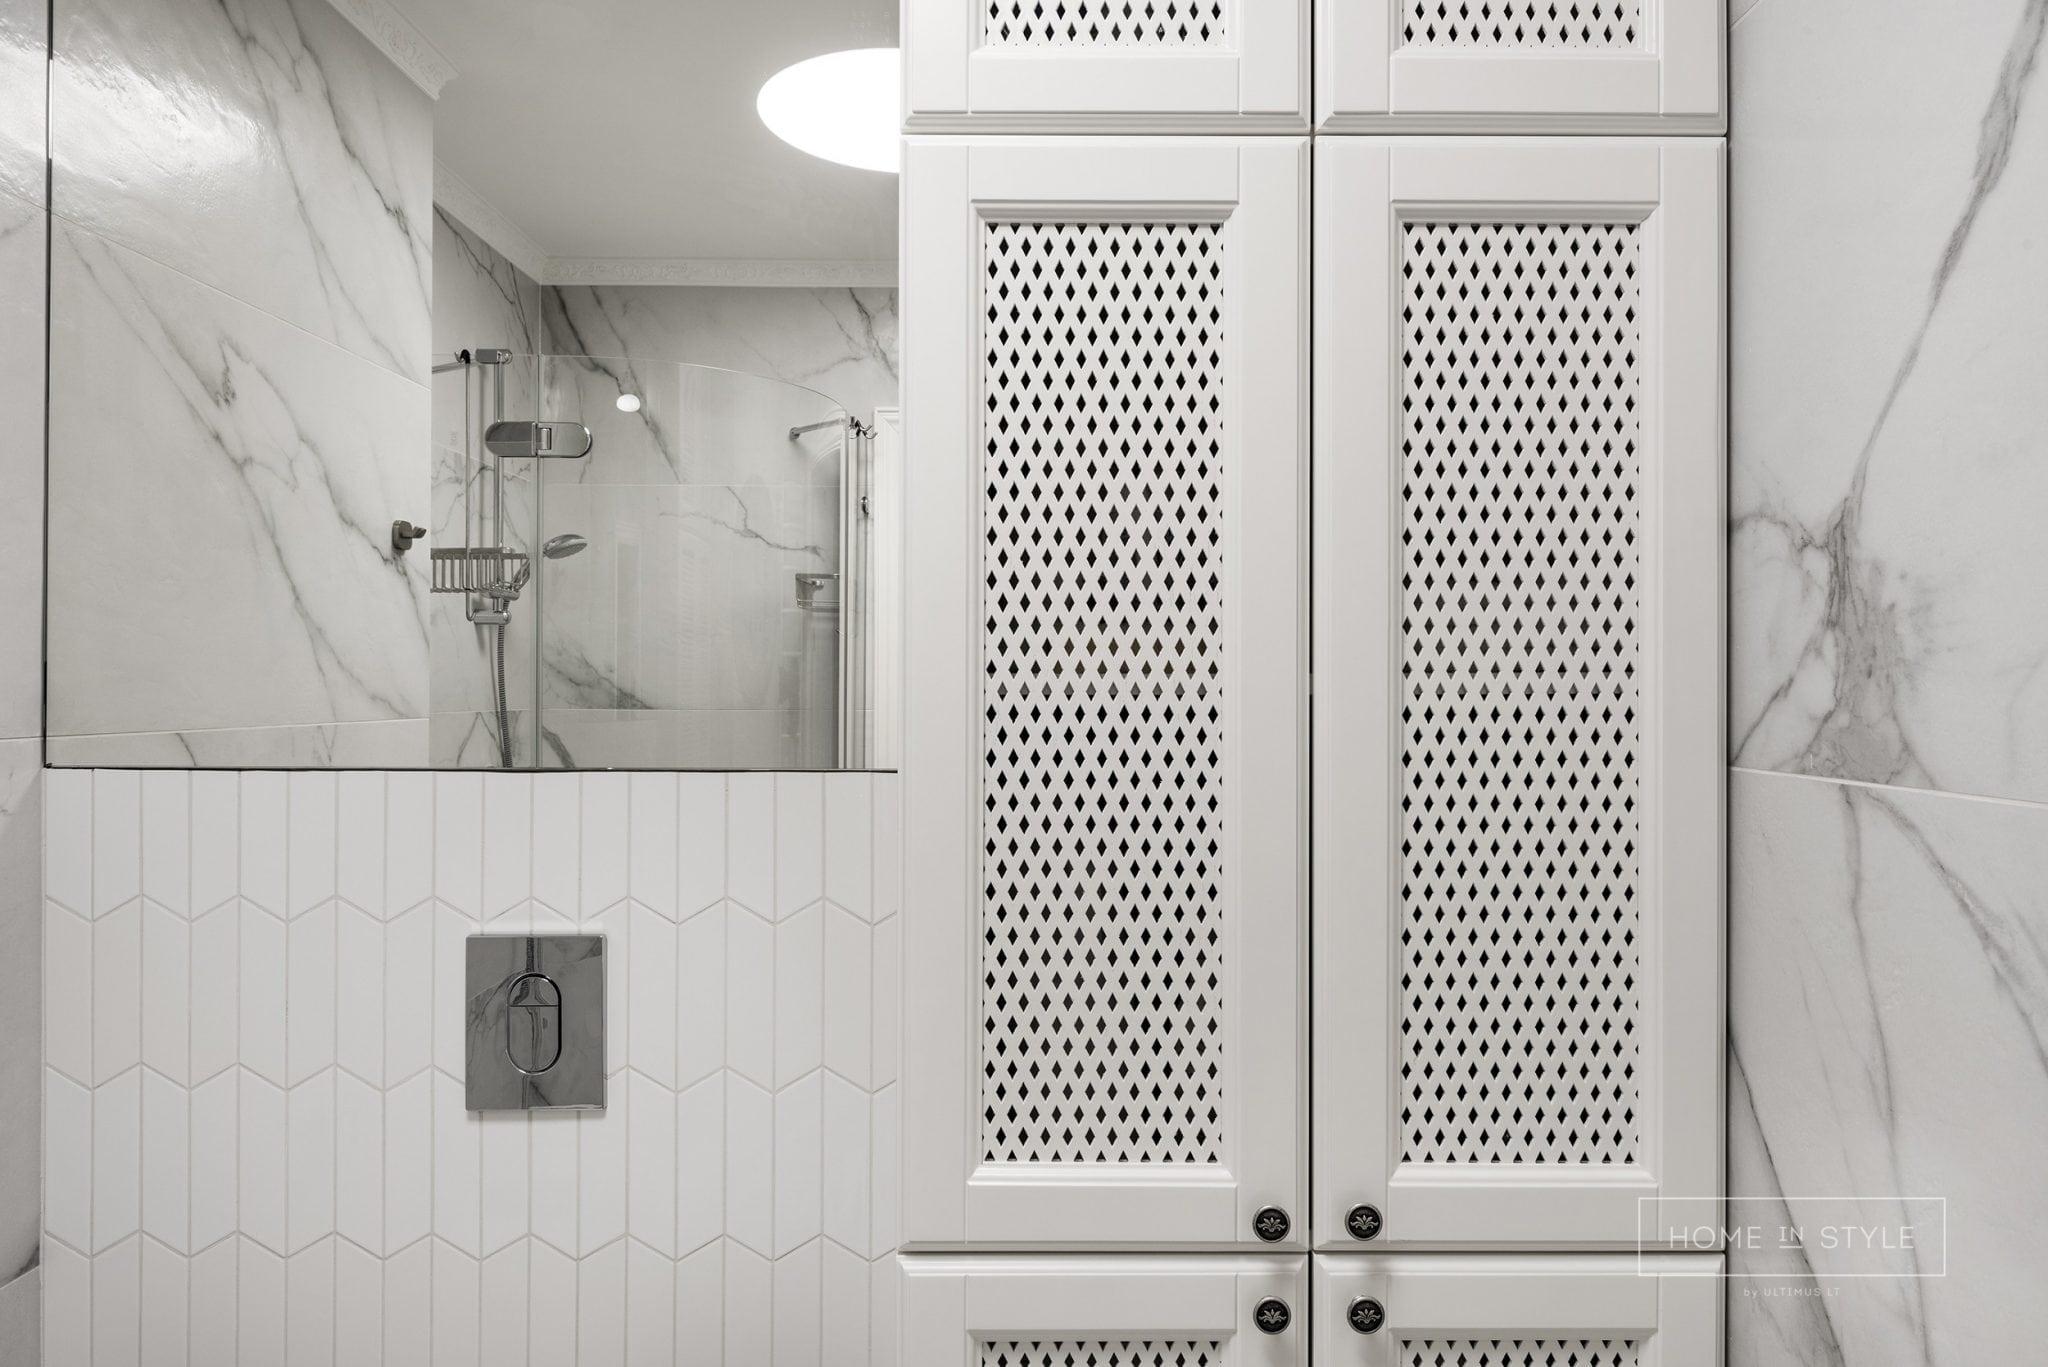 Klasikinis interjeras vonios kambario baldu gamyba